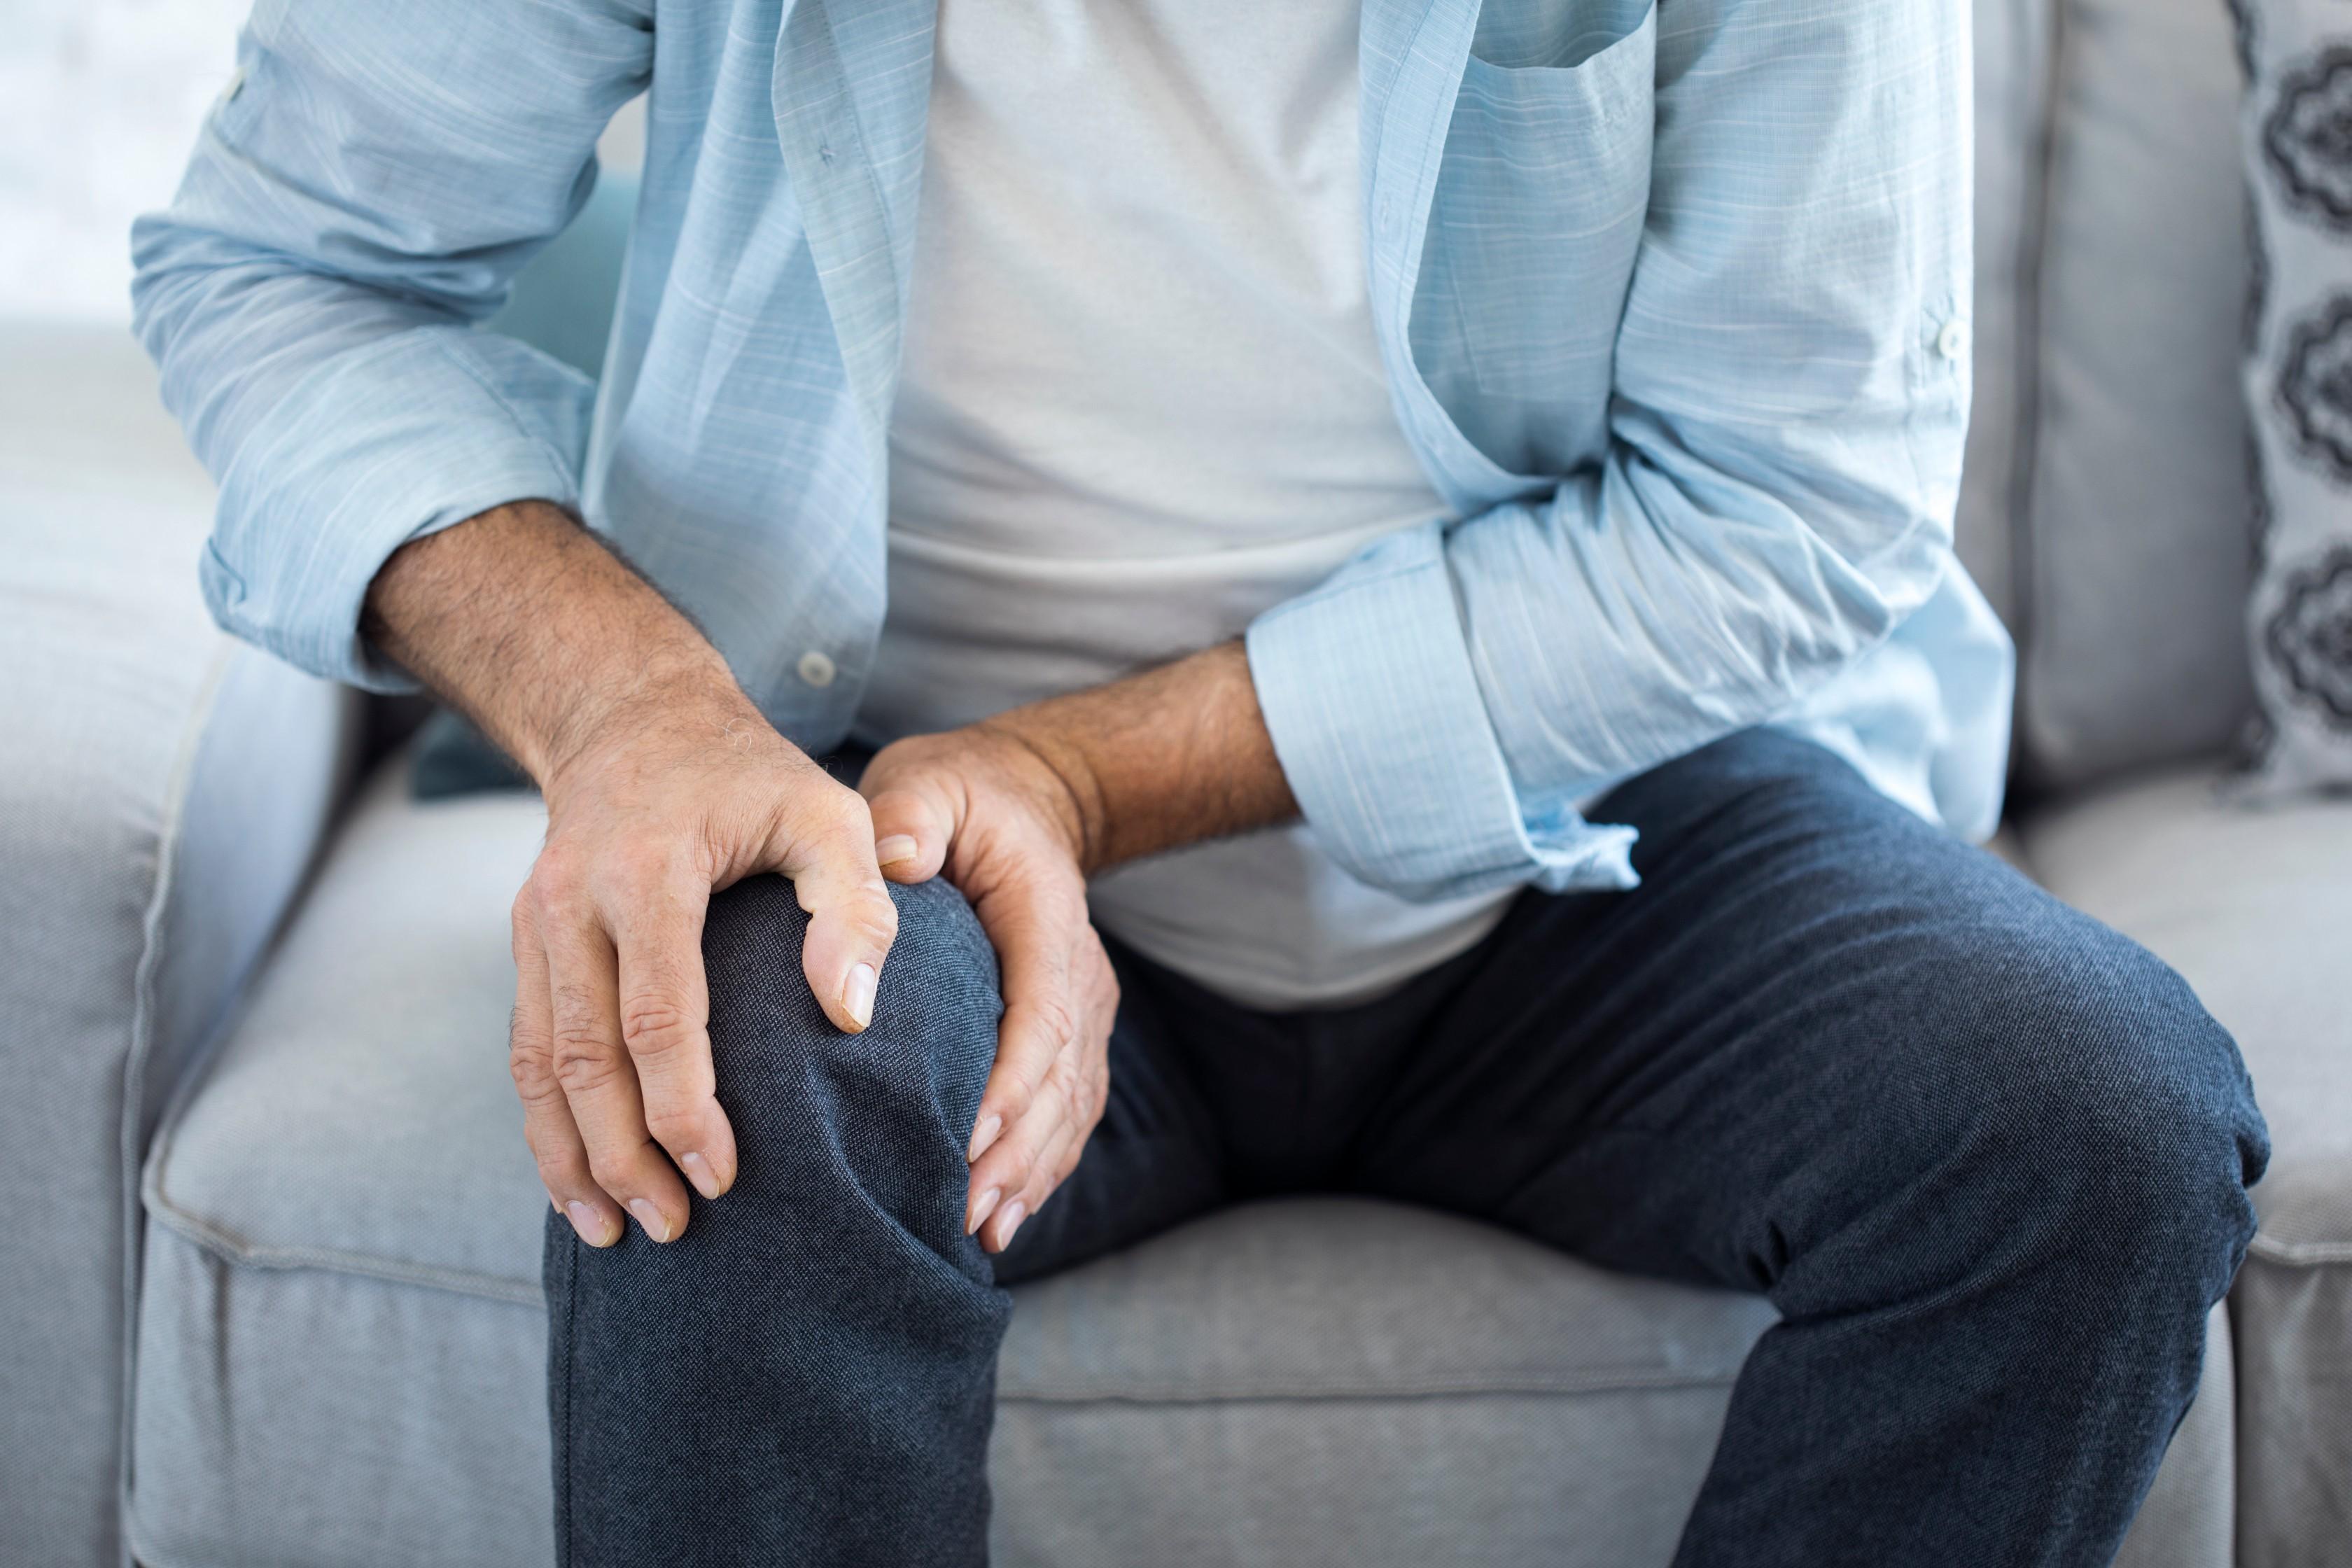 ízületi fájdalomkezelés otthon